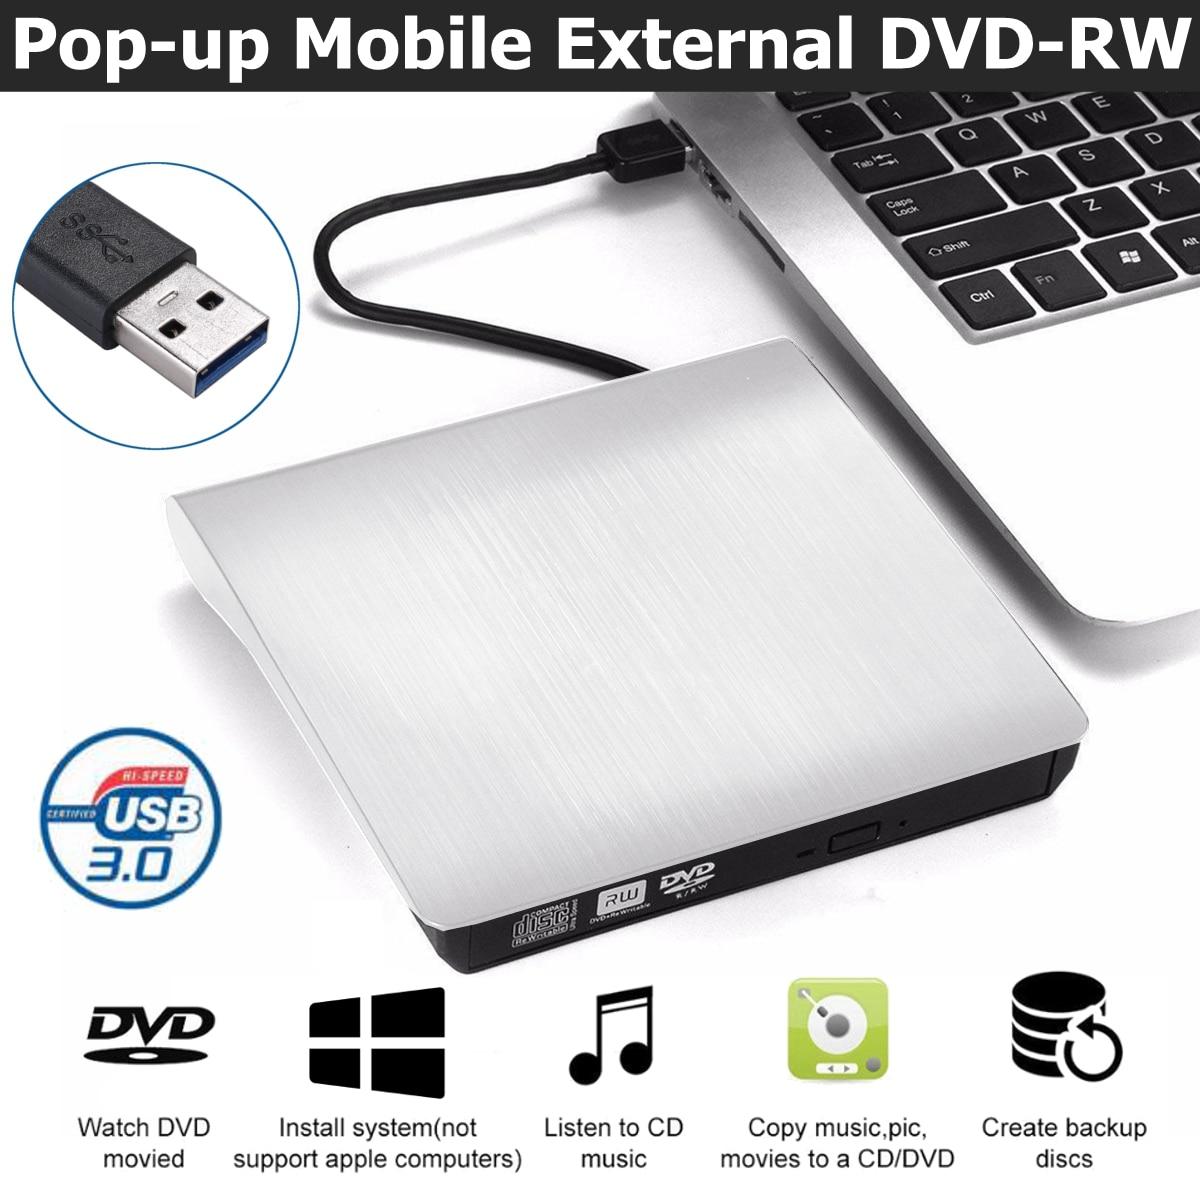 Disco de dvd externo usb 3.0 portátil cd dvd rw drive gravador leitor óptico compatível para windows 10 computador portátil desktop imacs